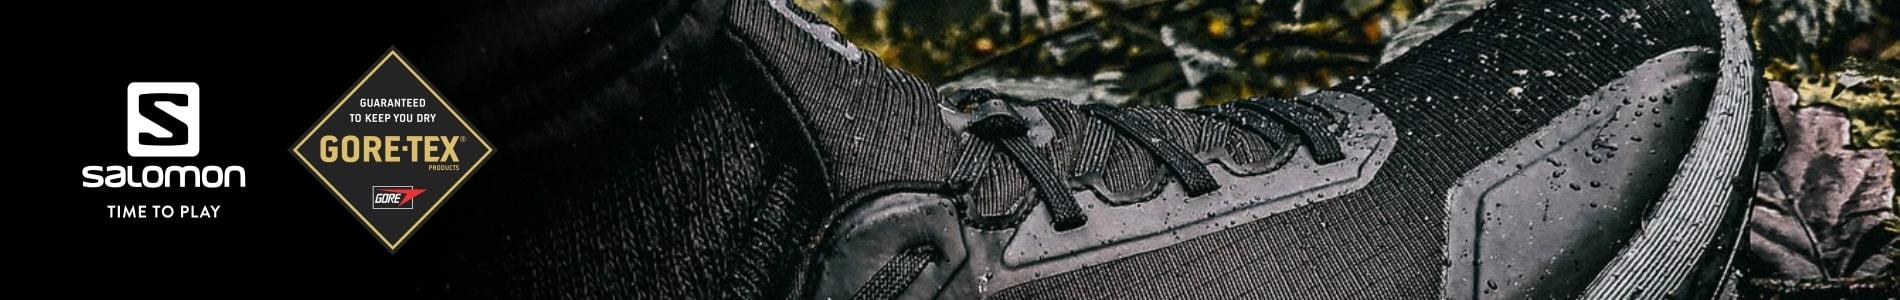 Salomon Ayakkabı, Giyim Modelleri, Çanta ve Aksesuarları